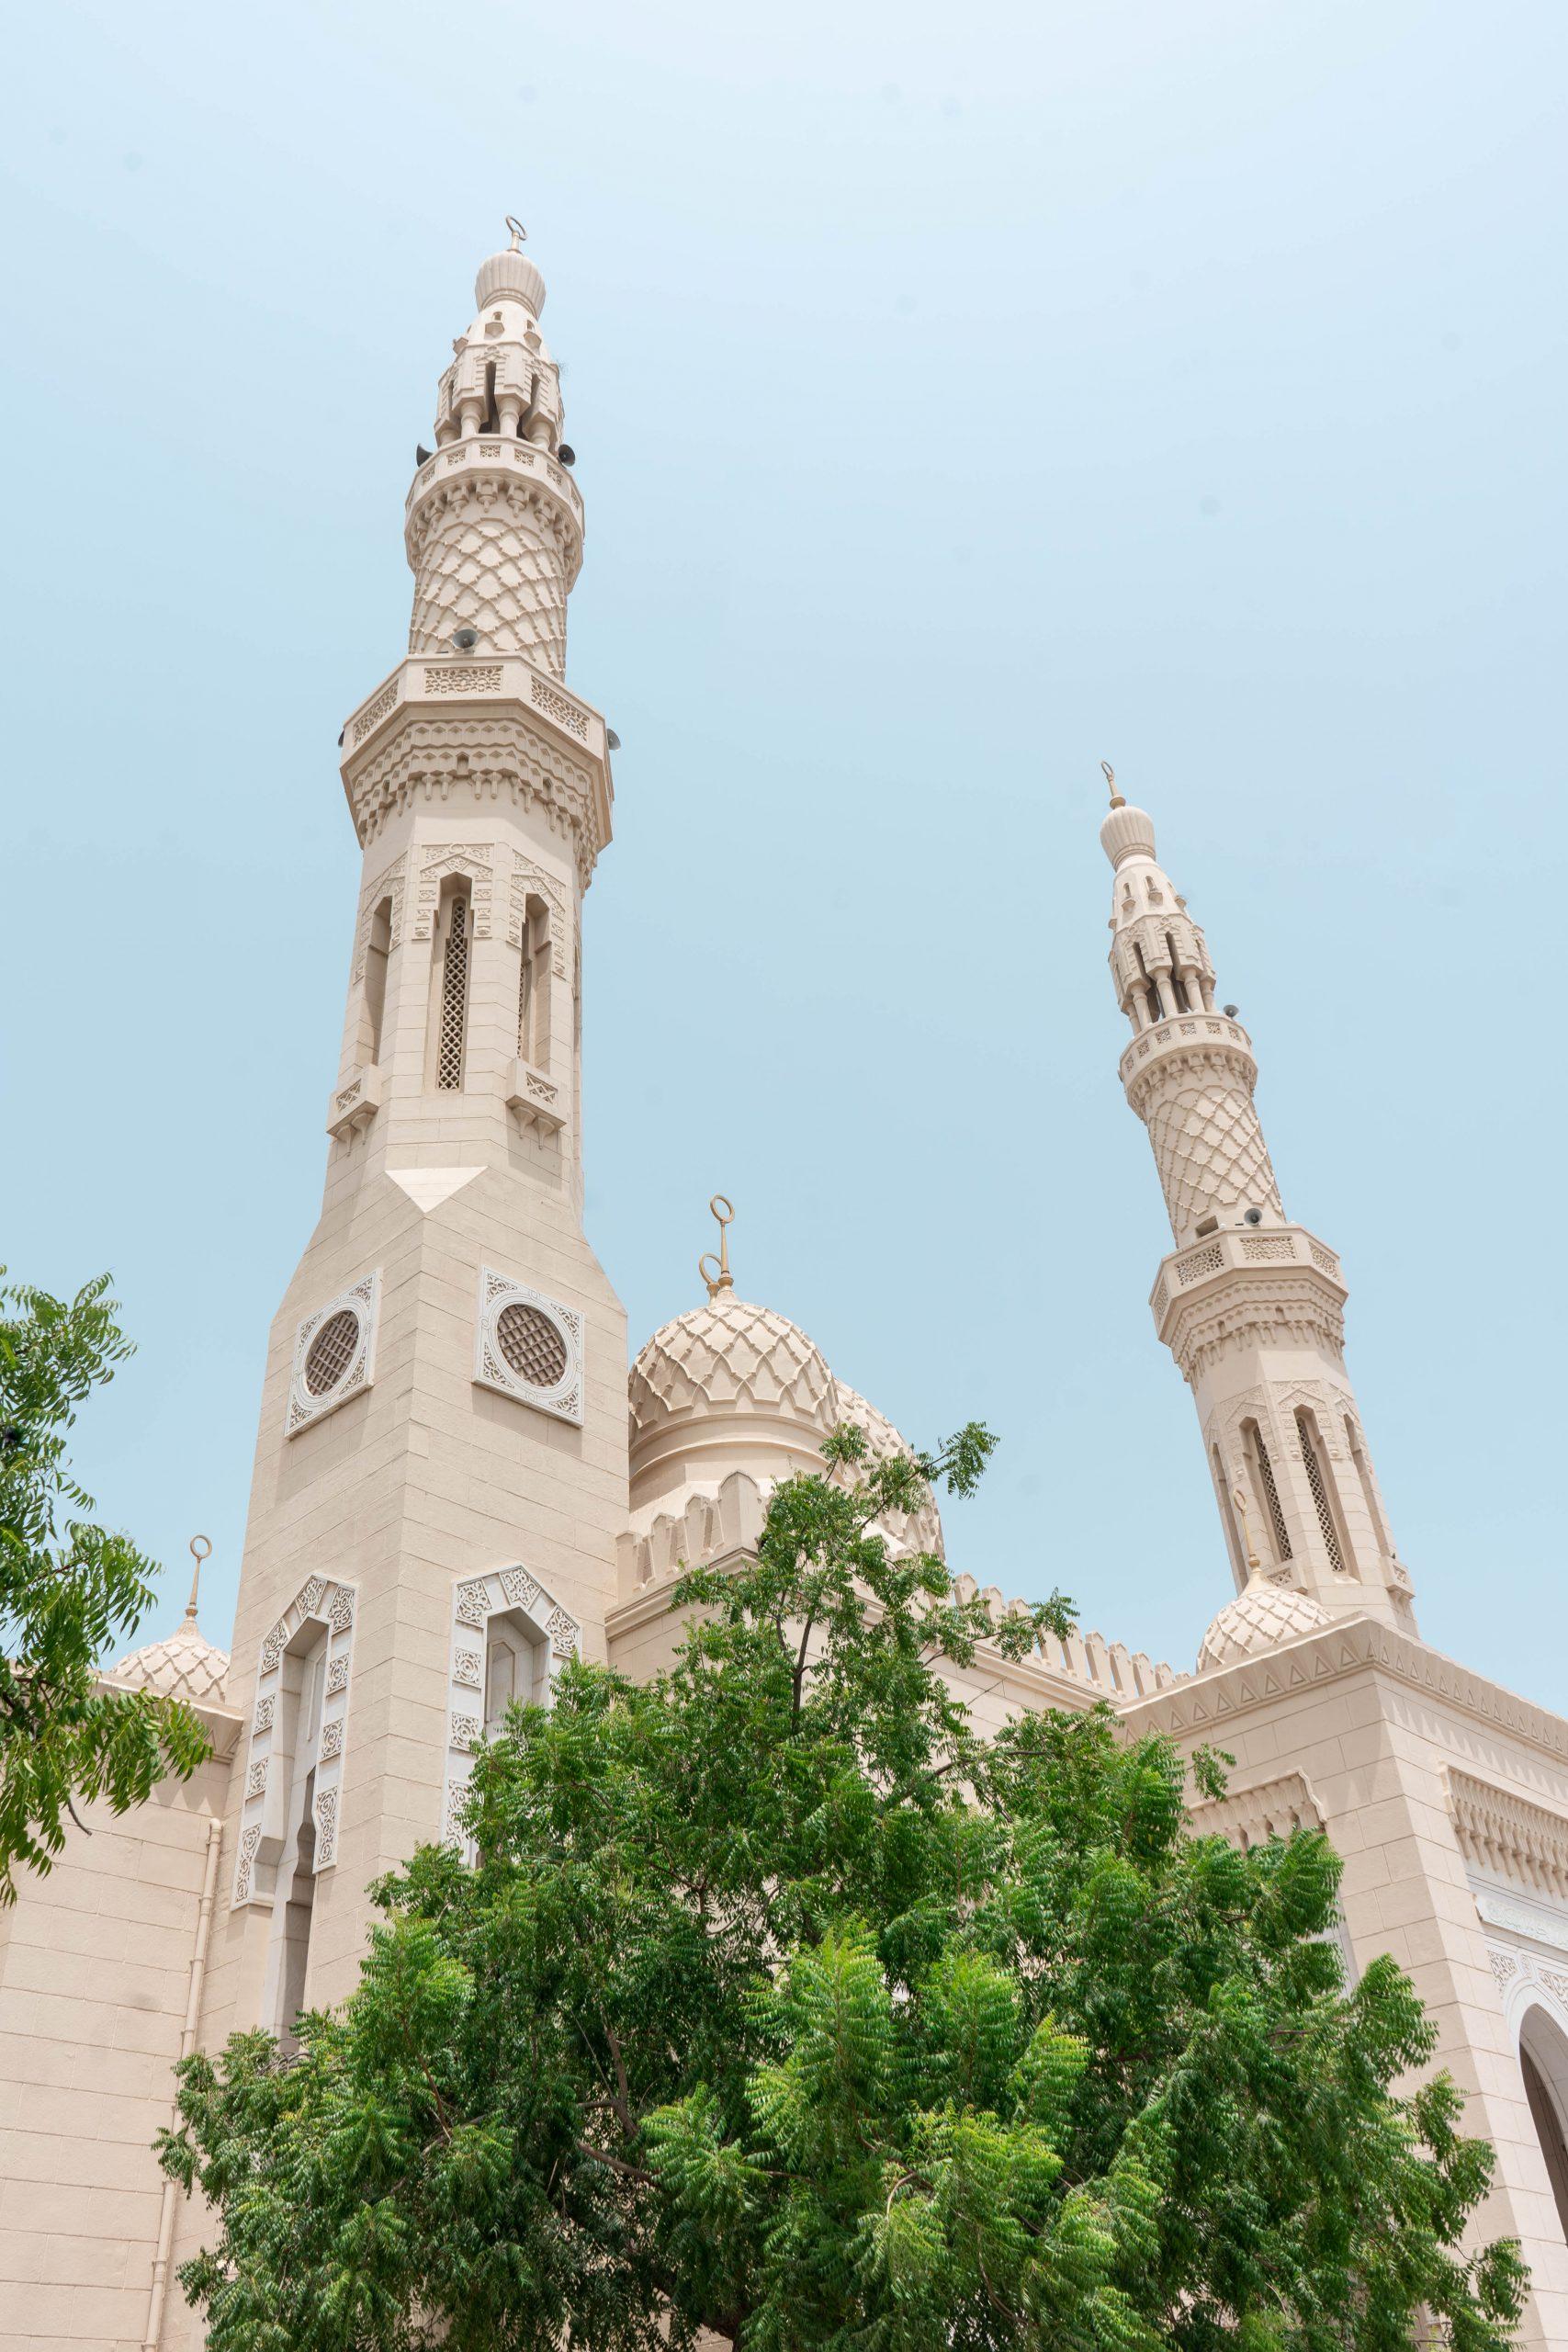 jumeirah mosque dubai uae united arab emirates masjid minaret islamic architecture